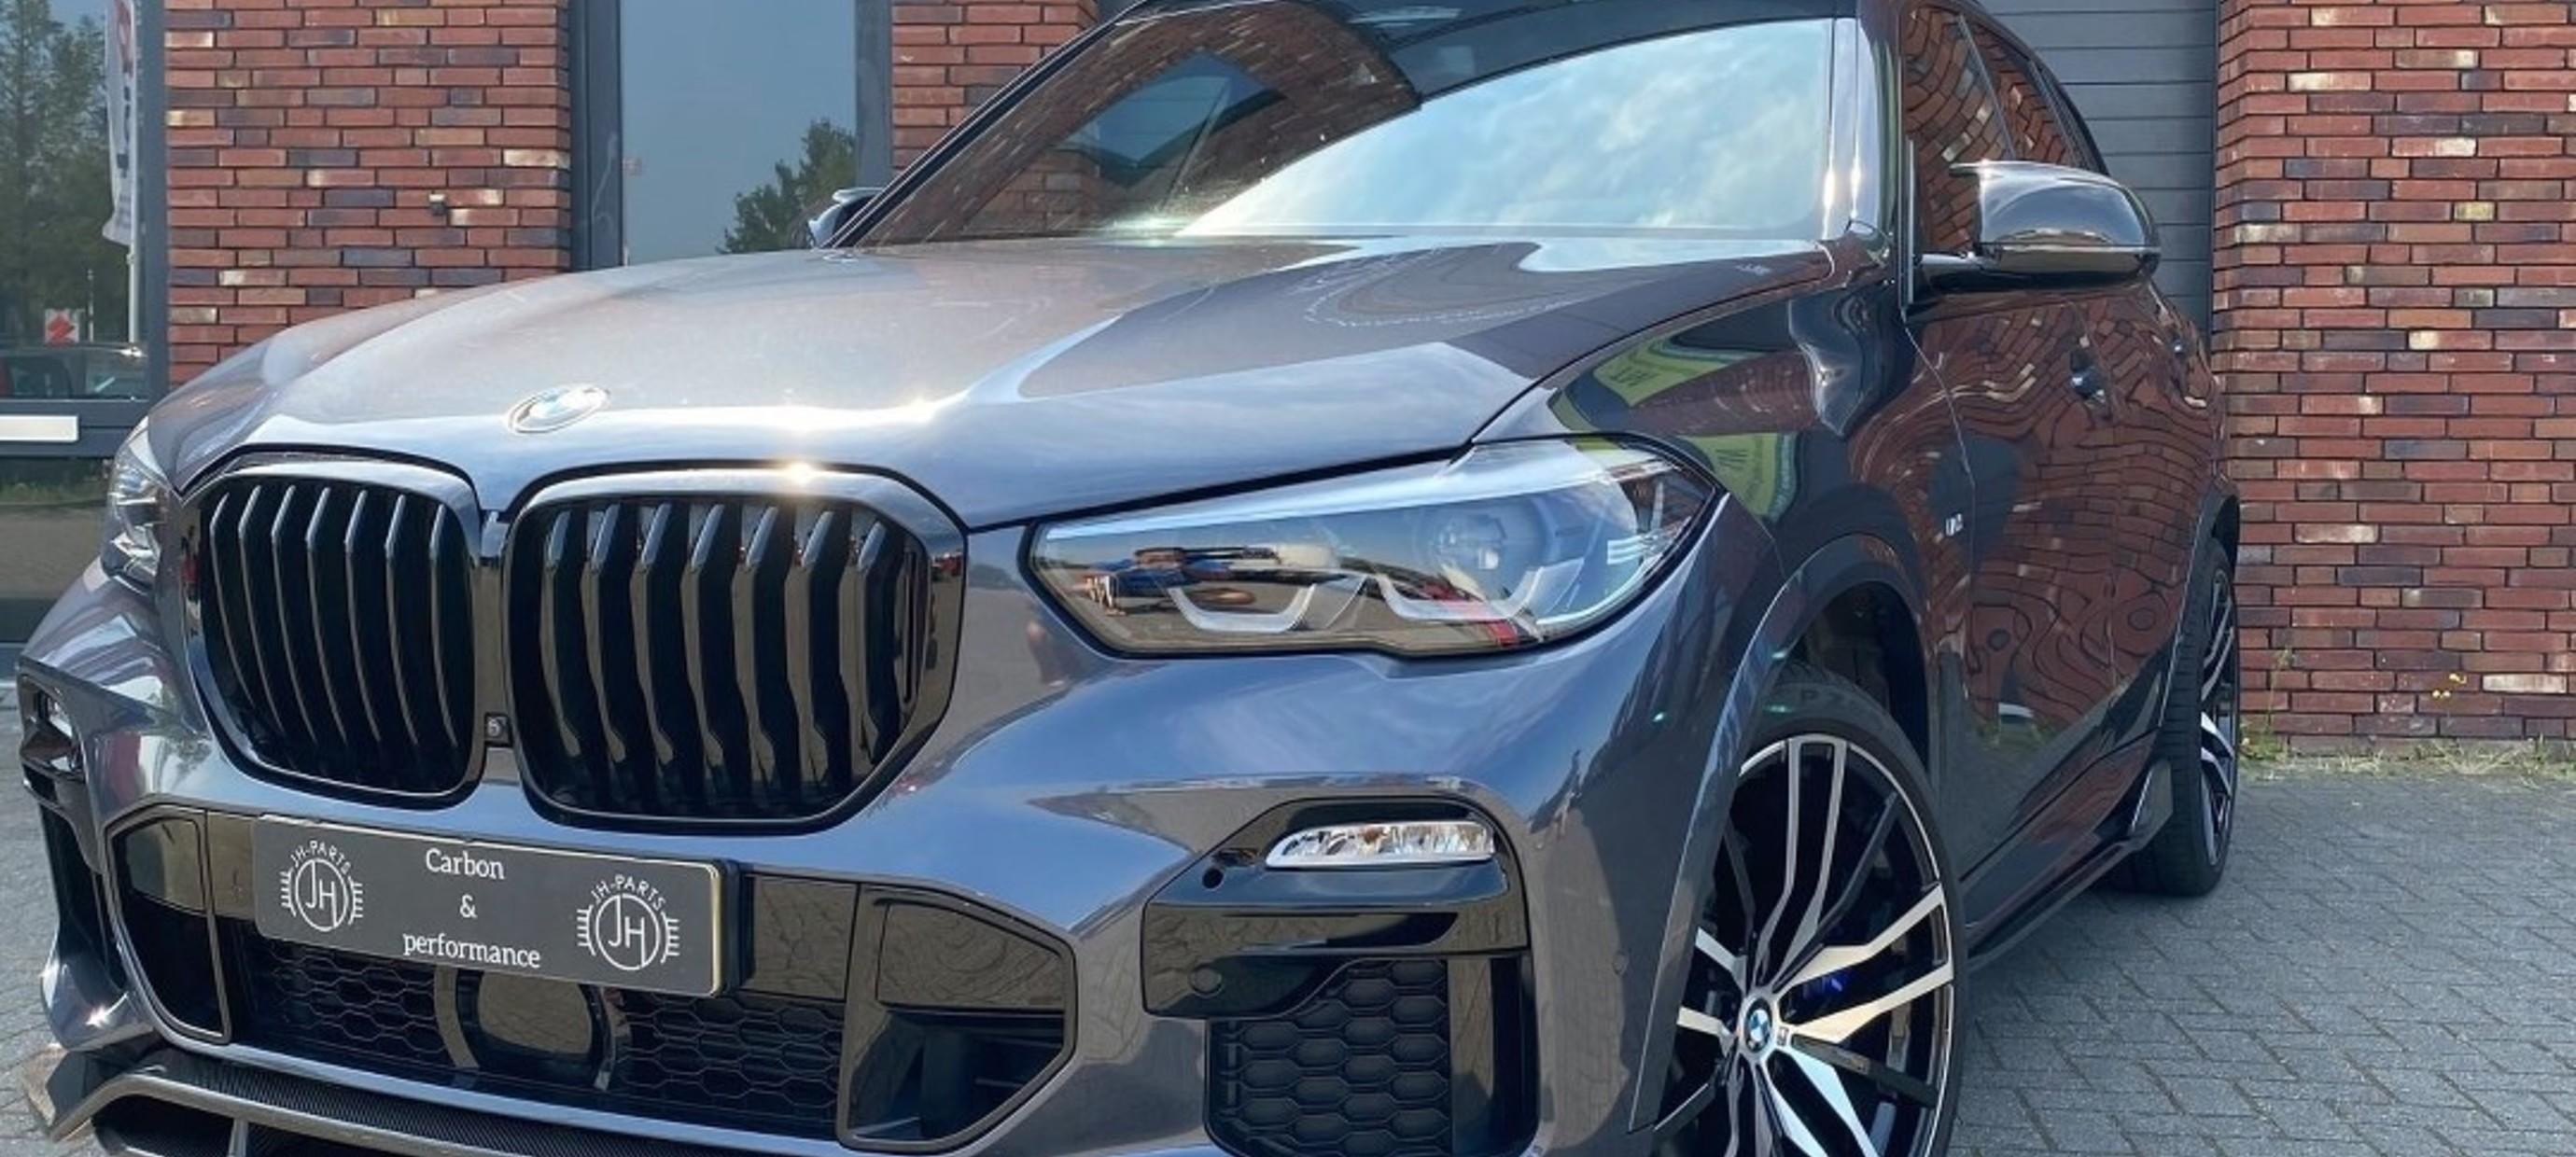 BMW G05 X5 onderdelen gemonteerd